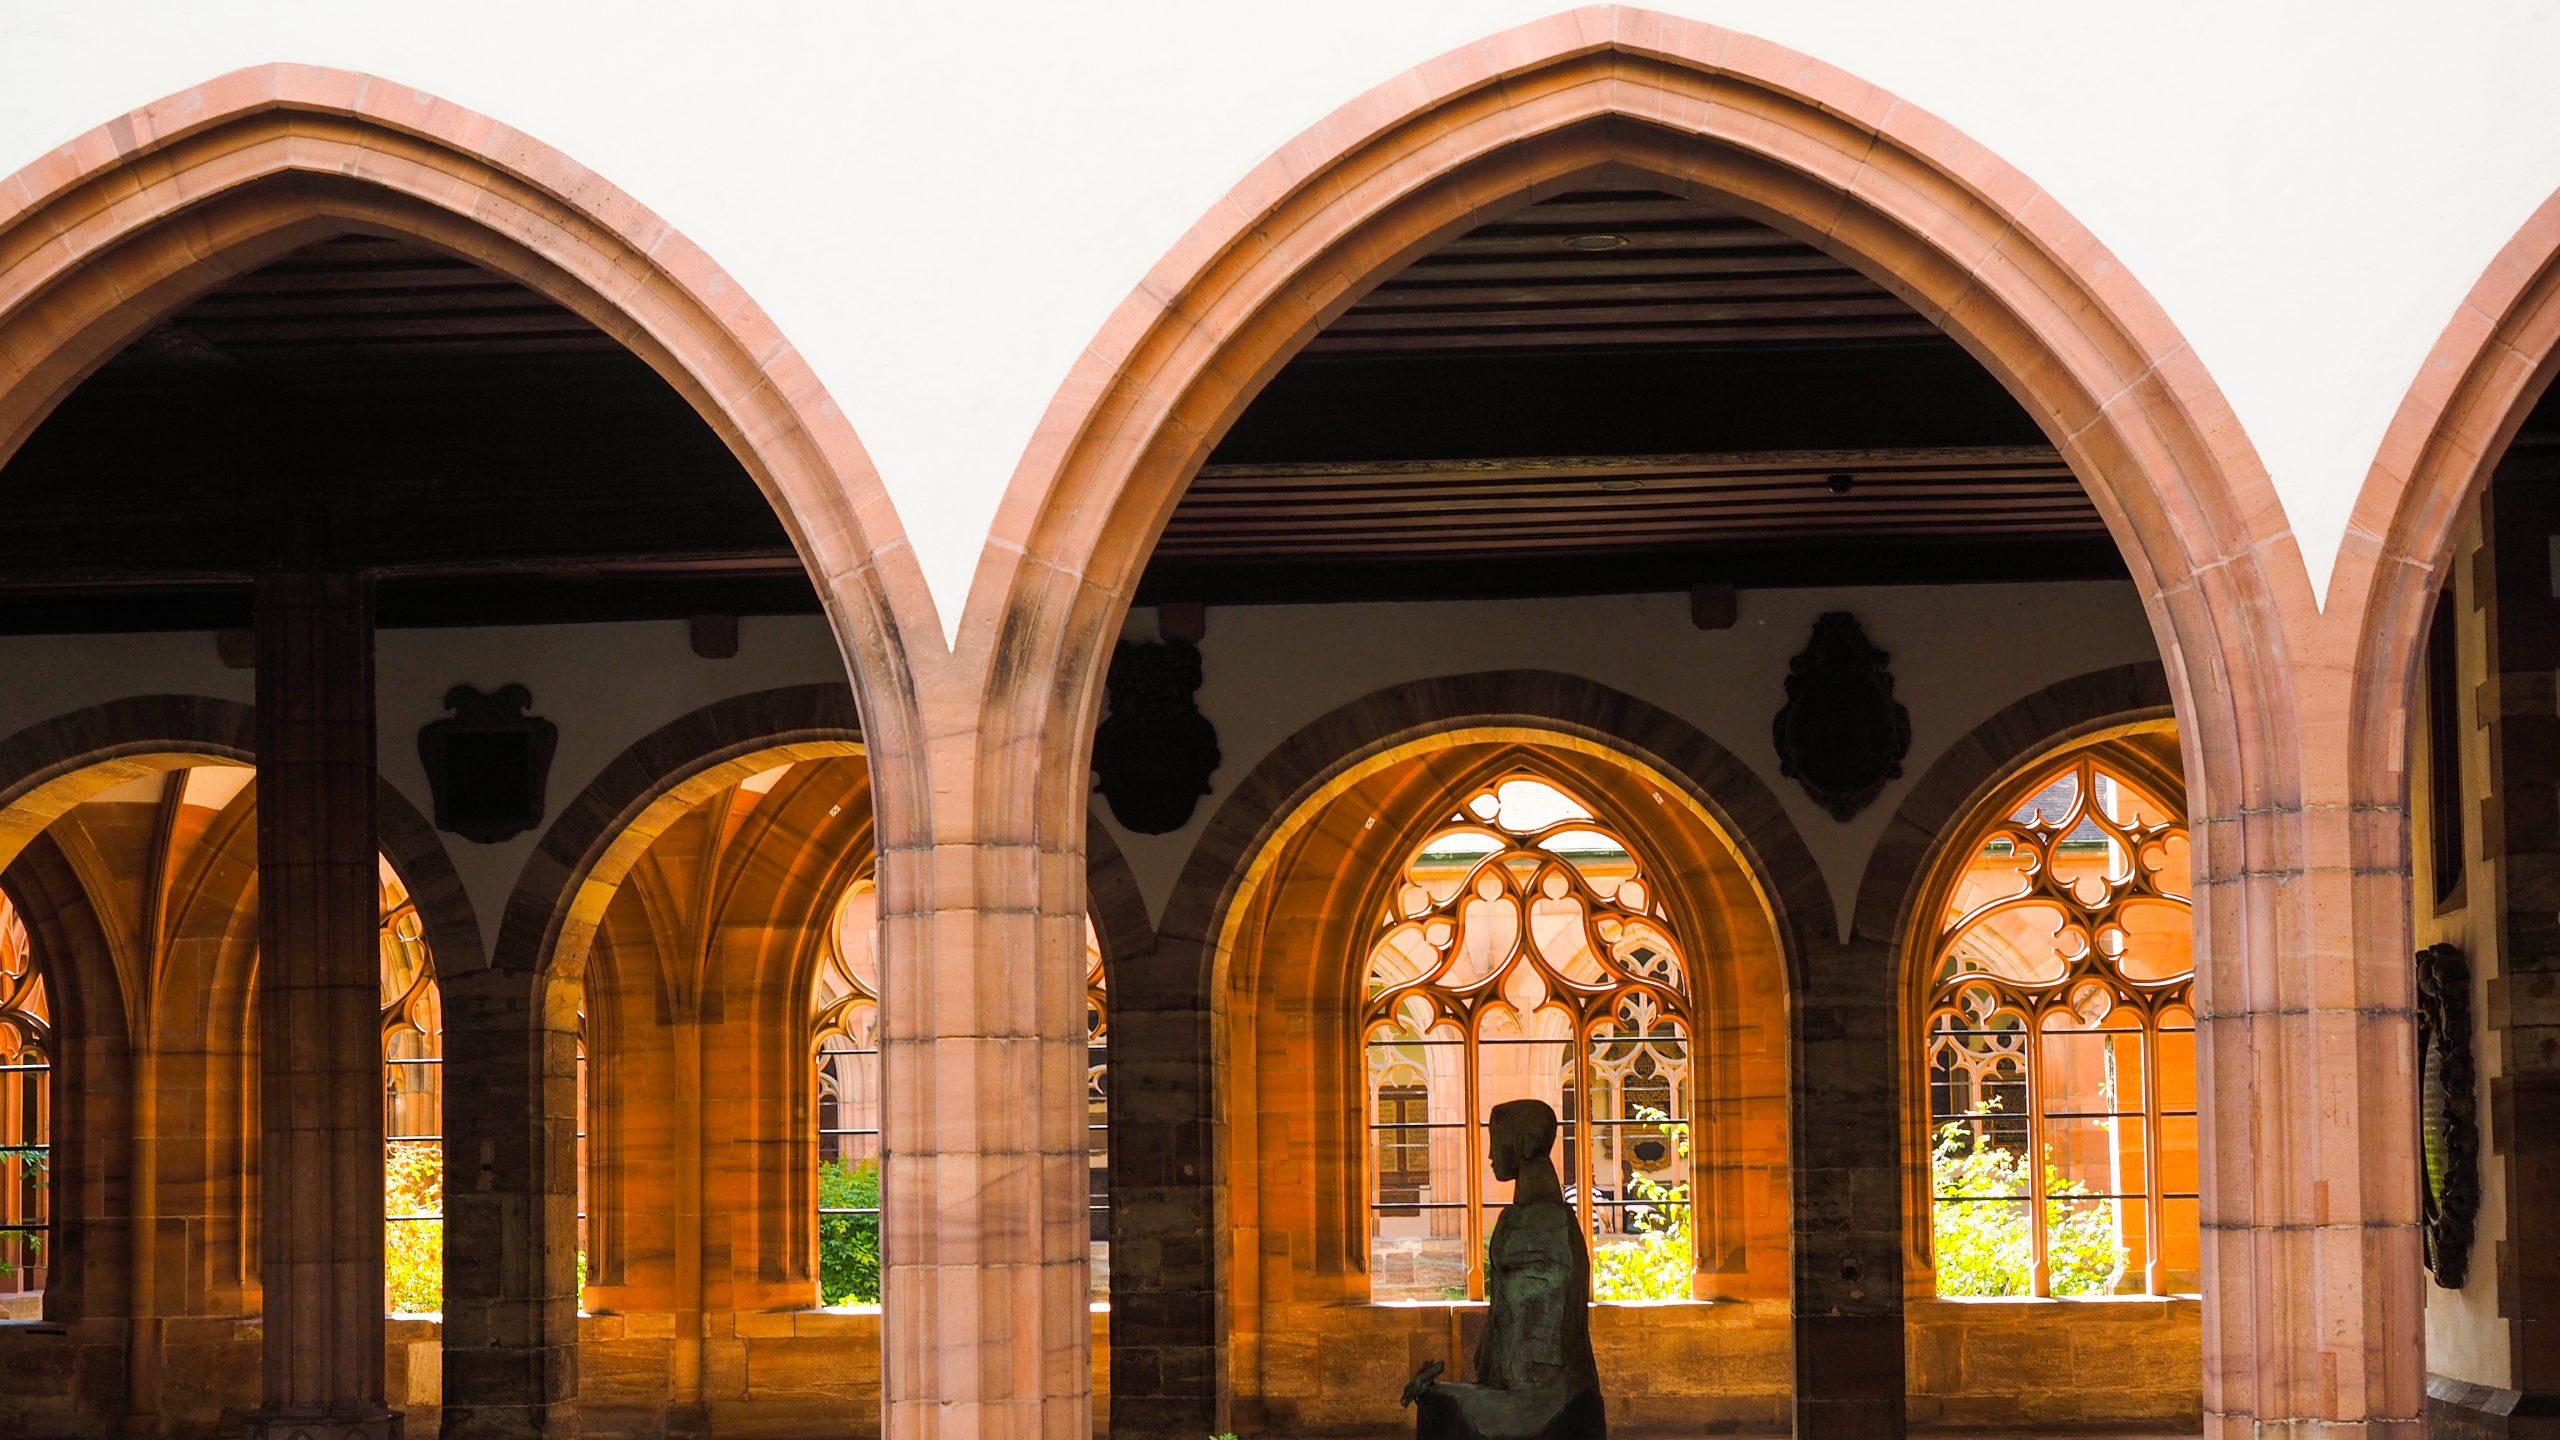 sviçre scaled - Basel: Bir Kültür Şehri